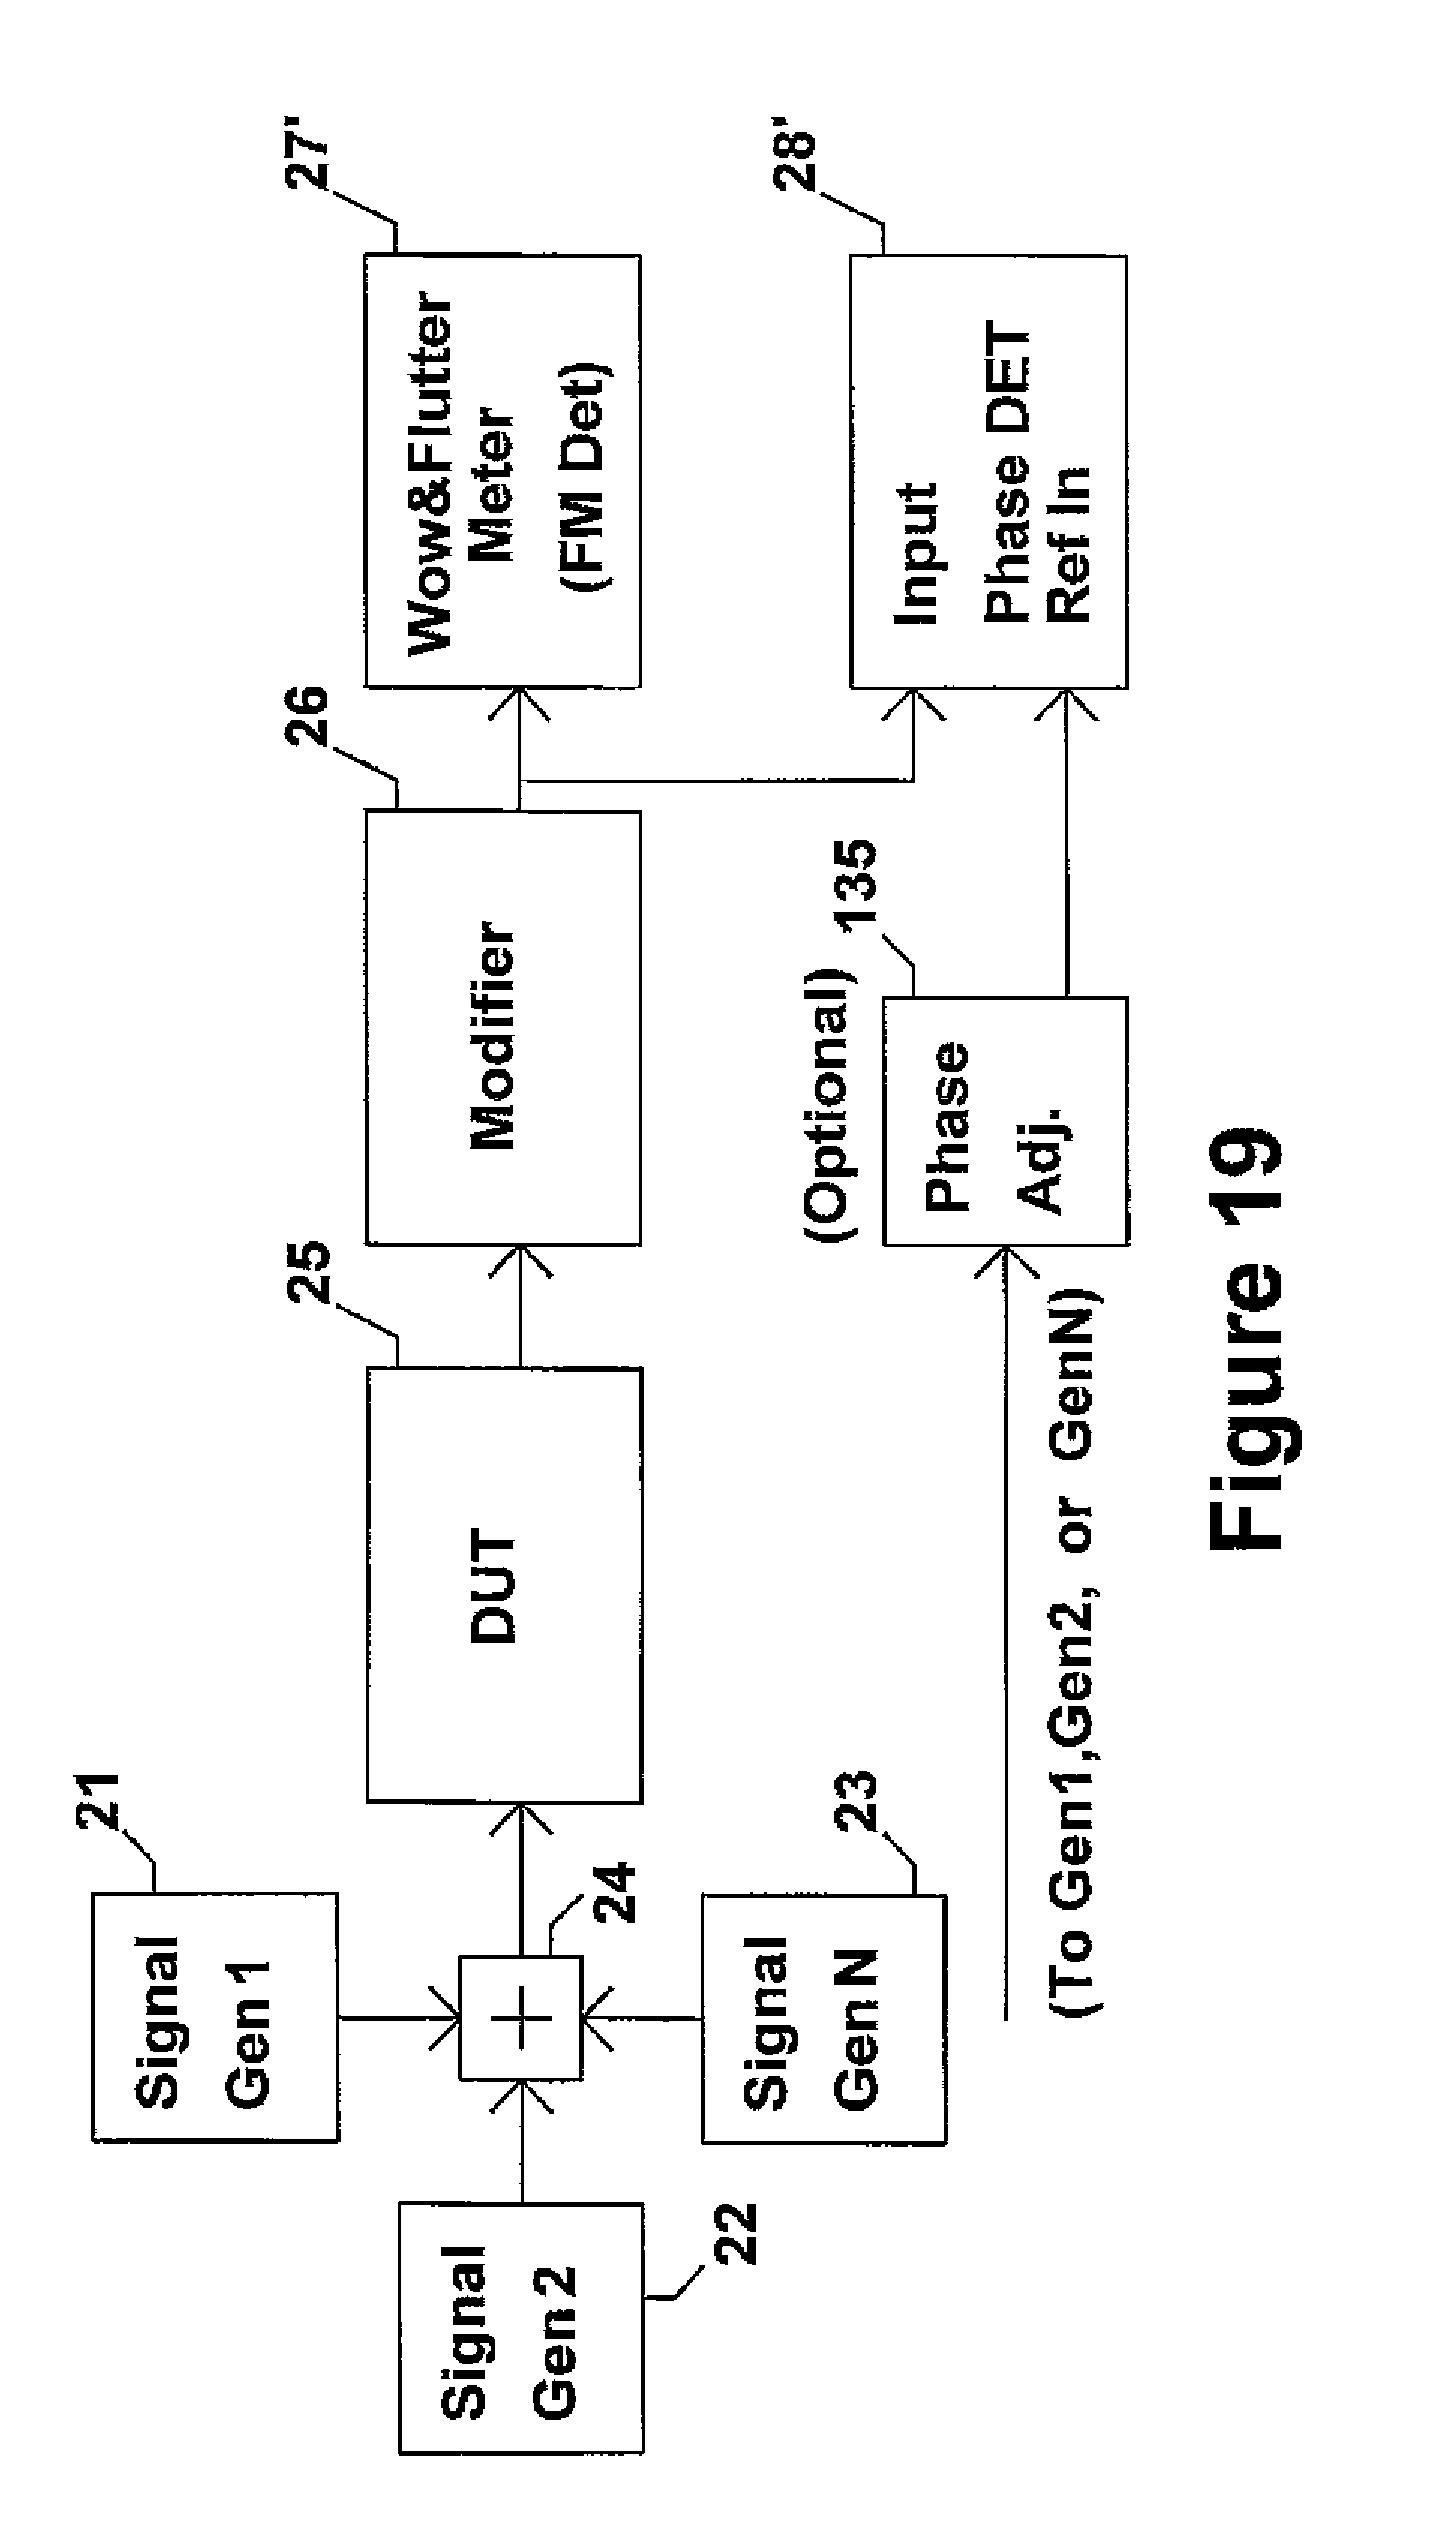 patent us8624602